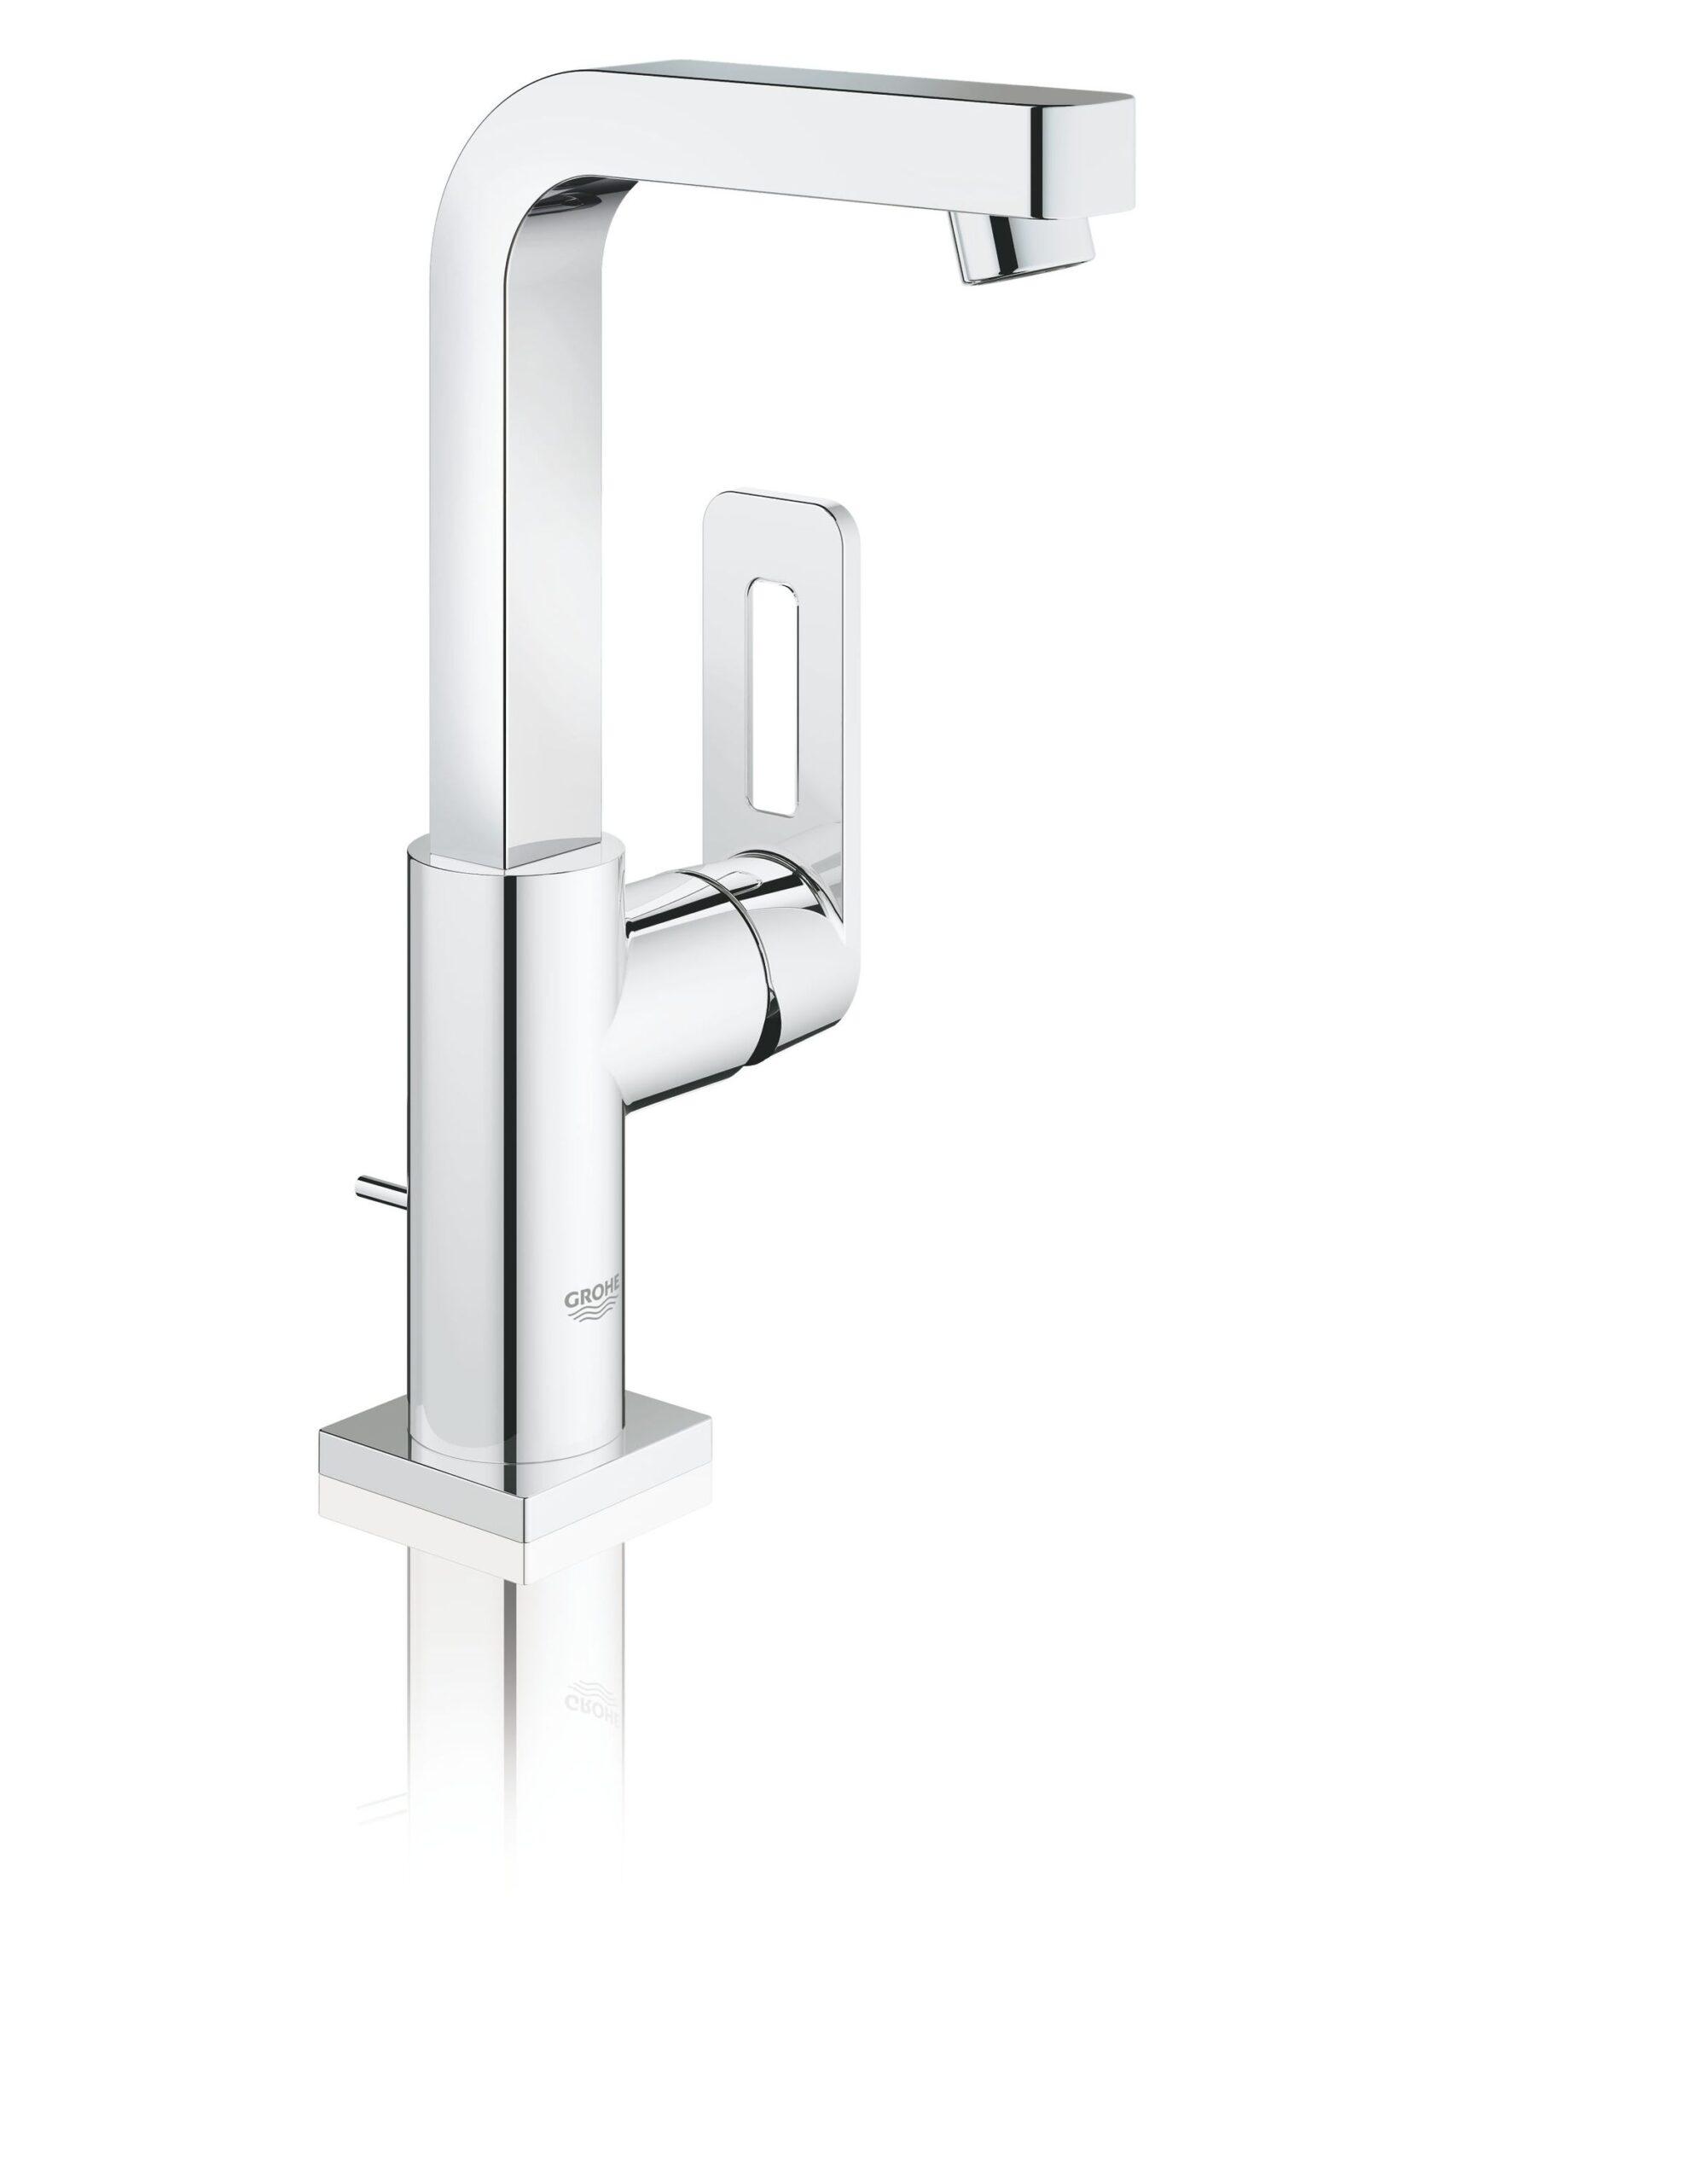 Full Size of Wasserhahn Küche Grohe Thermostat Dusche Bad Wandanschluss Für Wohnzimmer Grohe Wasserhahn